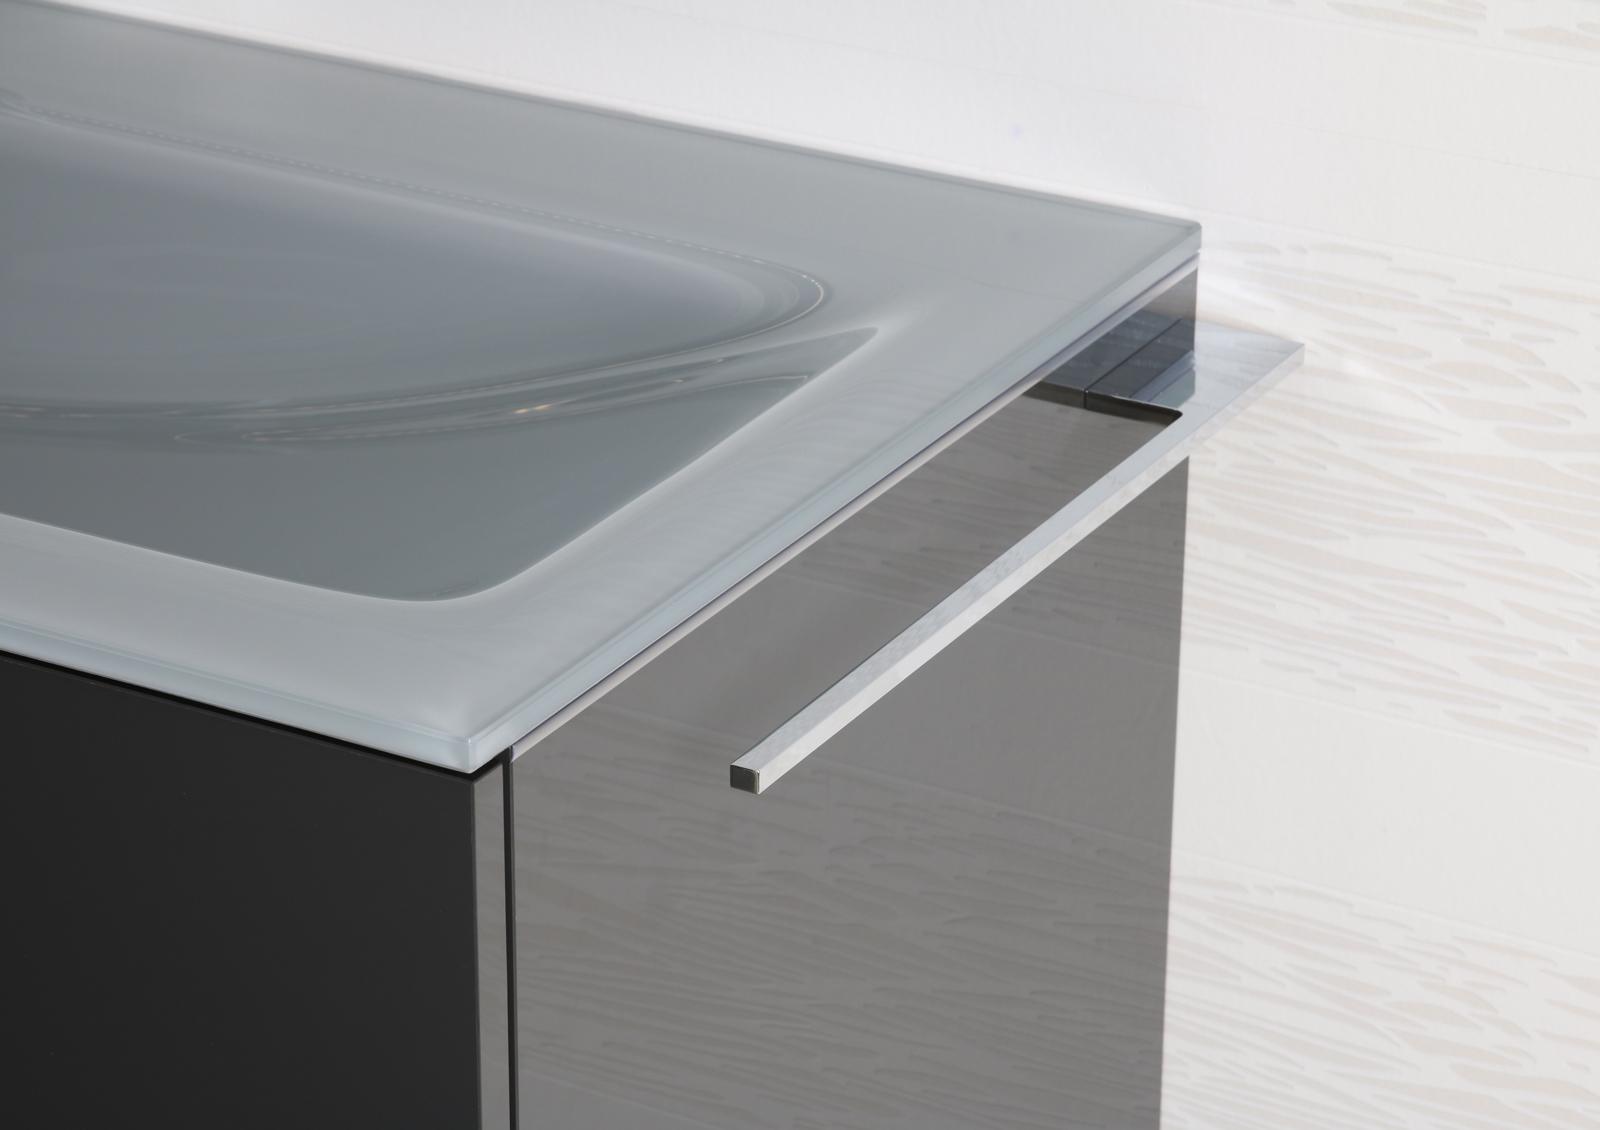 handtuchhalter bad chrom bad accessoires design badetuchstange. Black Bedroom Furniture Sets. Home Design Ideas